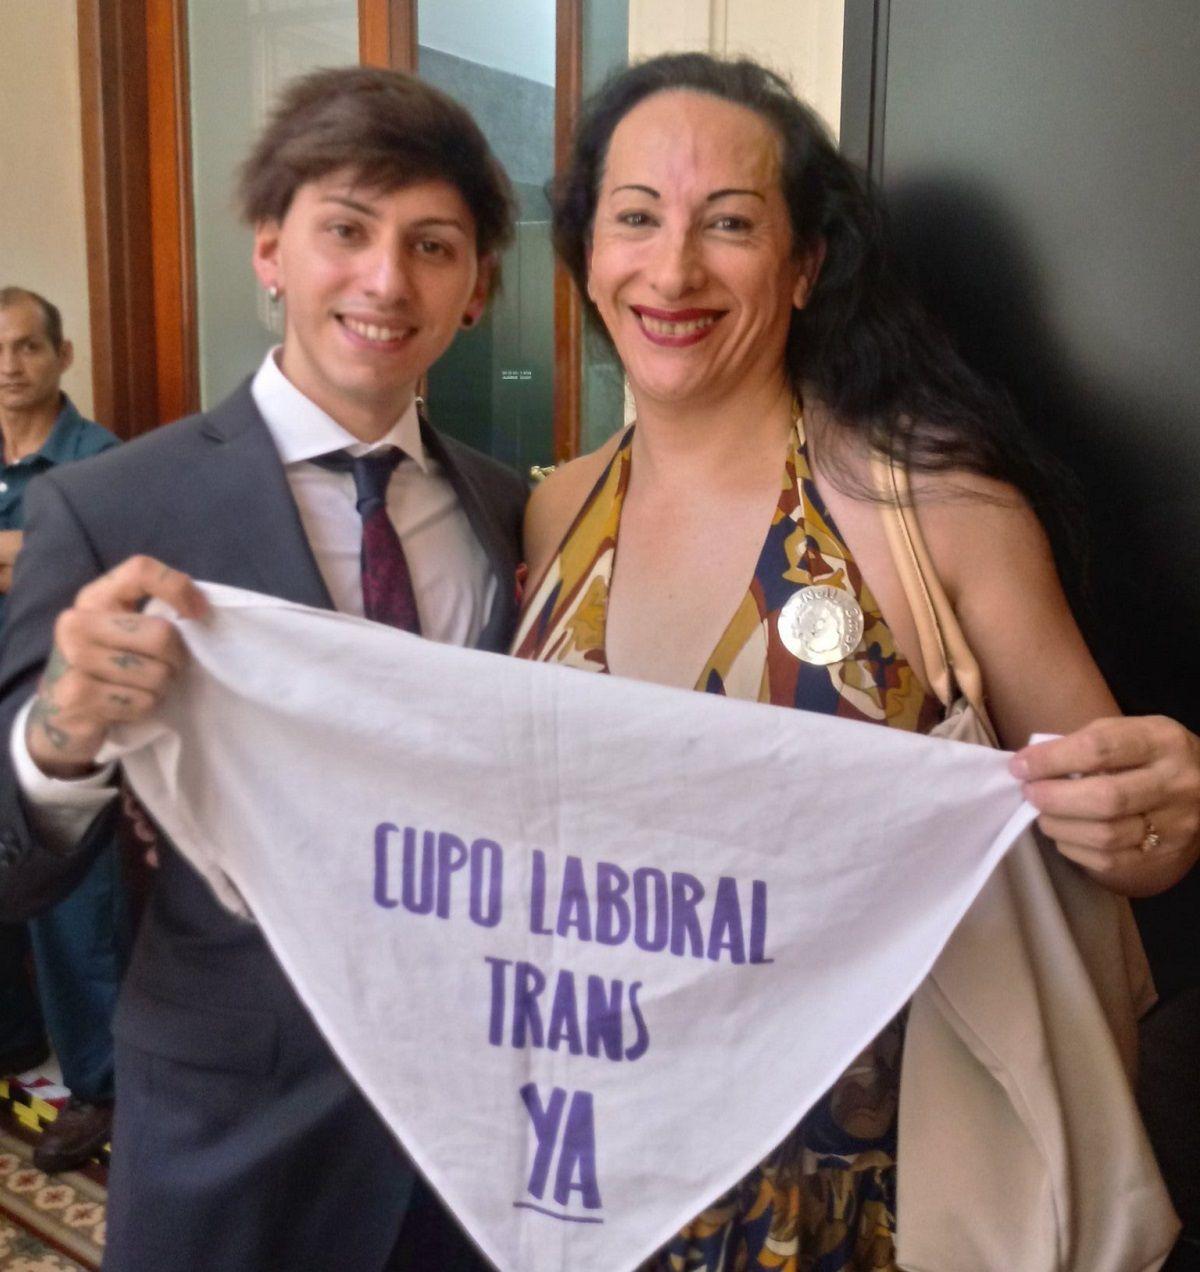 El hijo de Alberto se sumó al reclamo por el cupo laboral trans